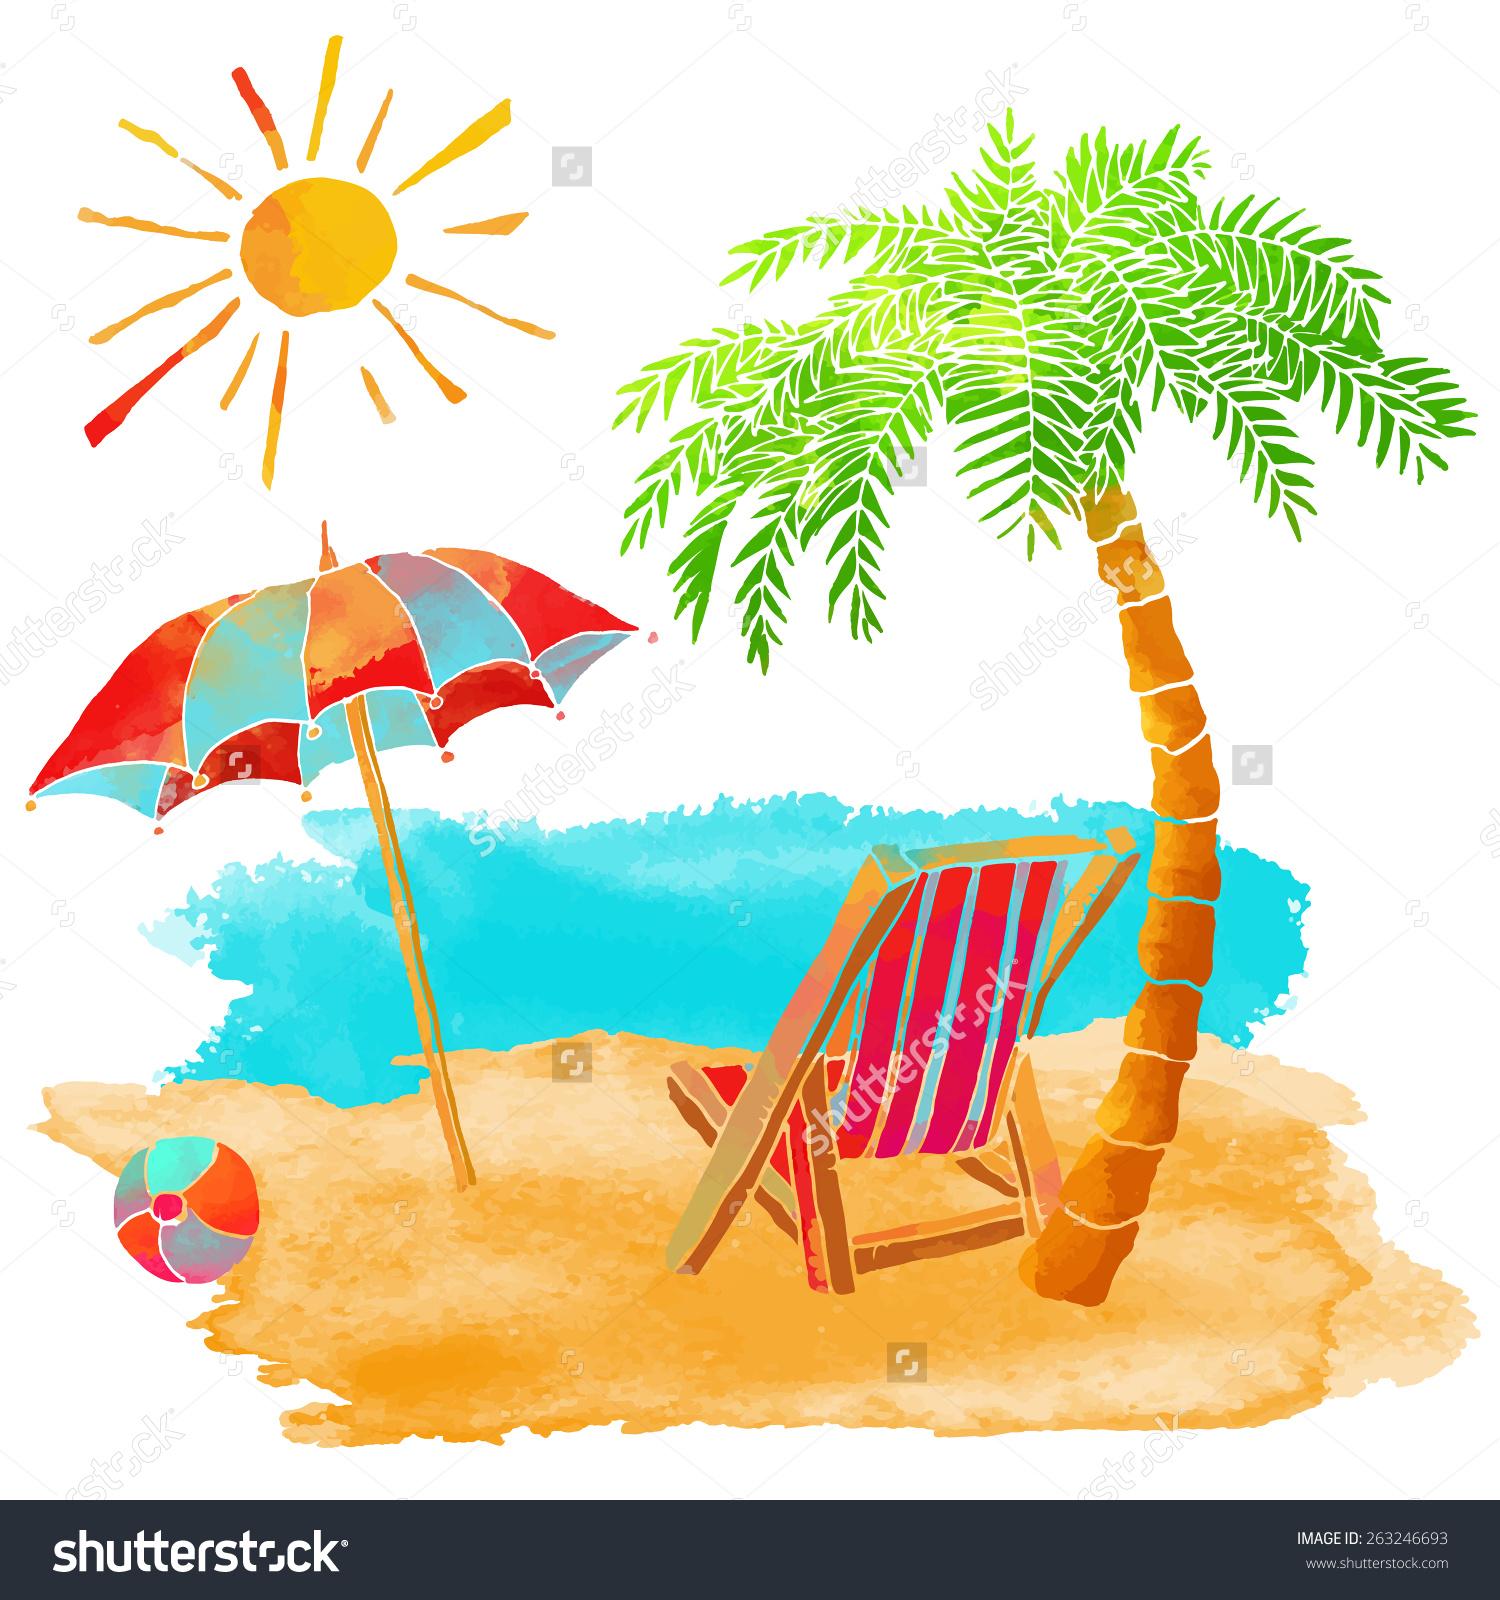 Watercolor Summer Beach Set Sea Palm Stock Vector 263246693.